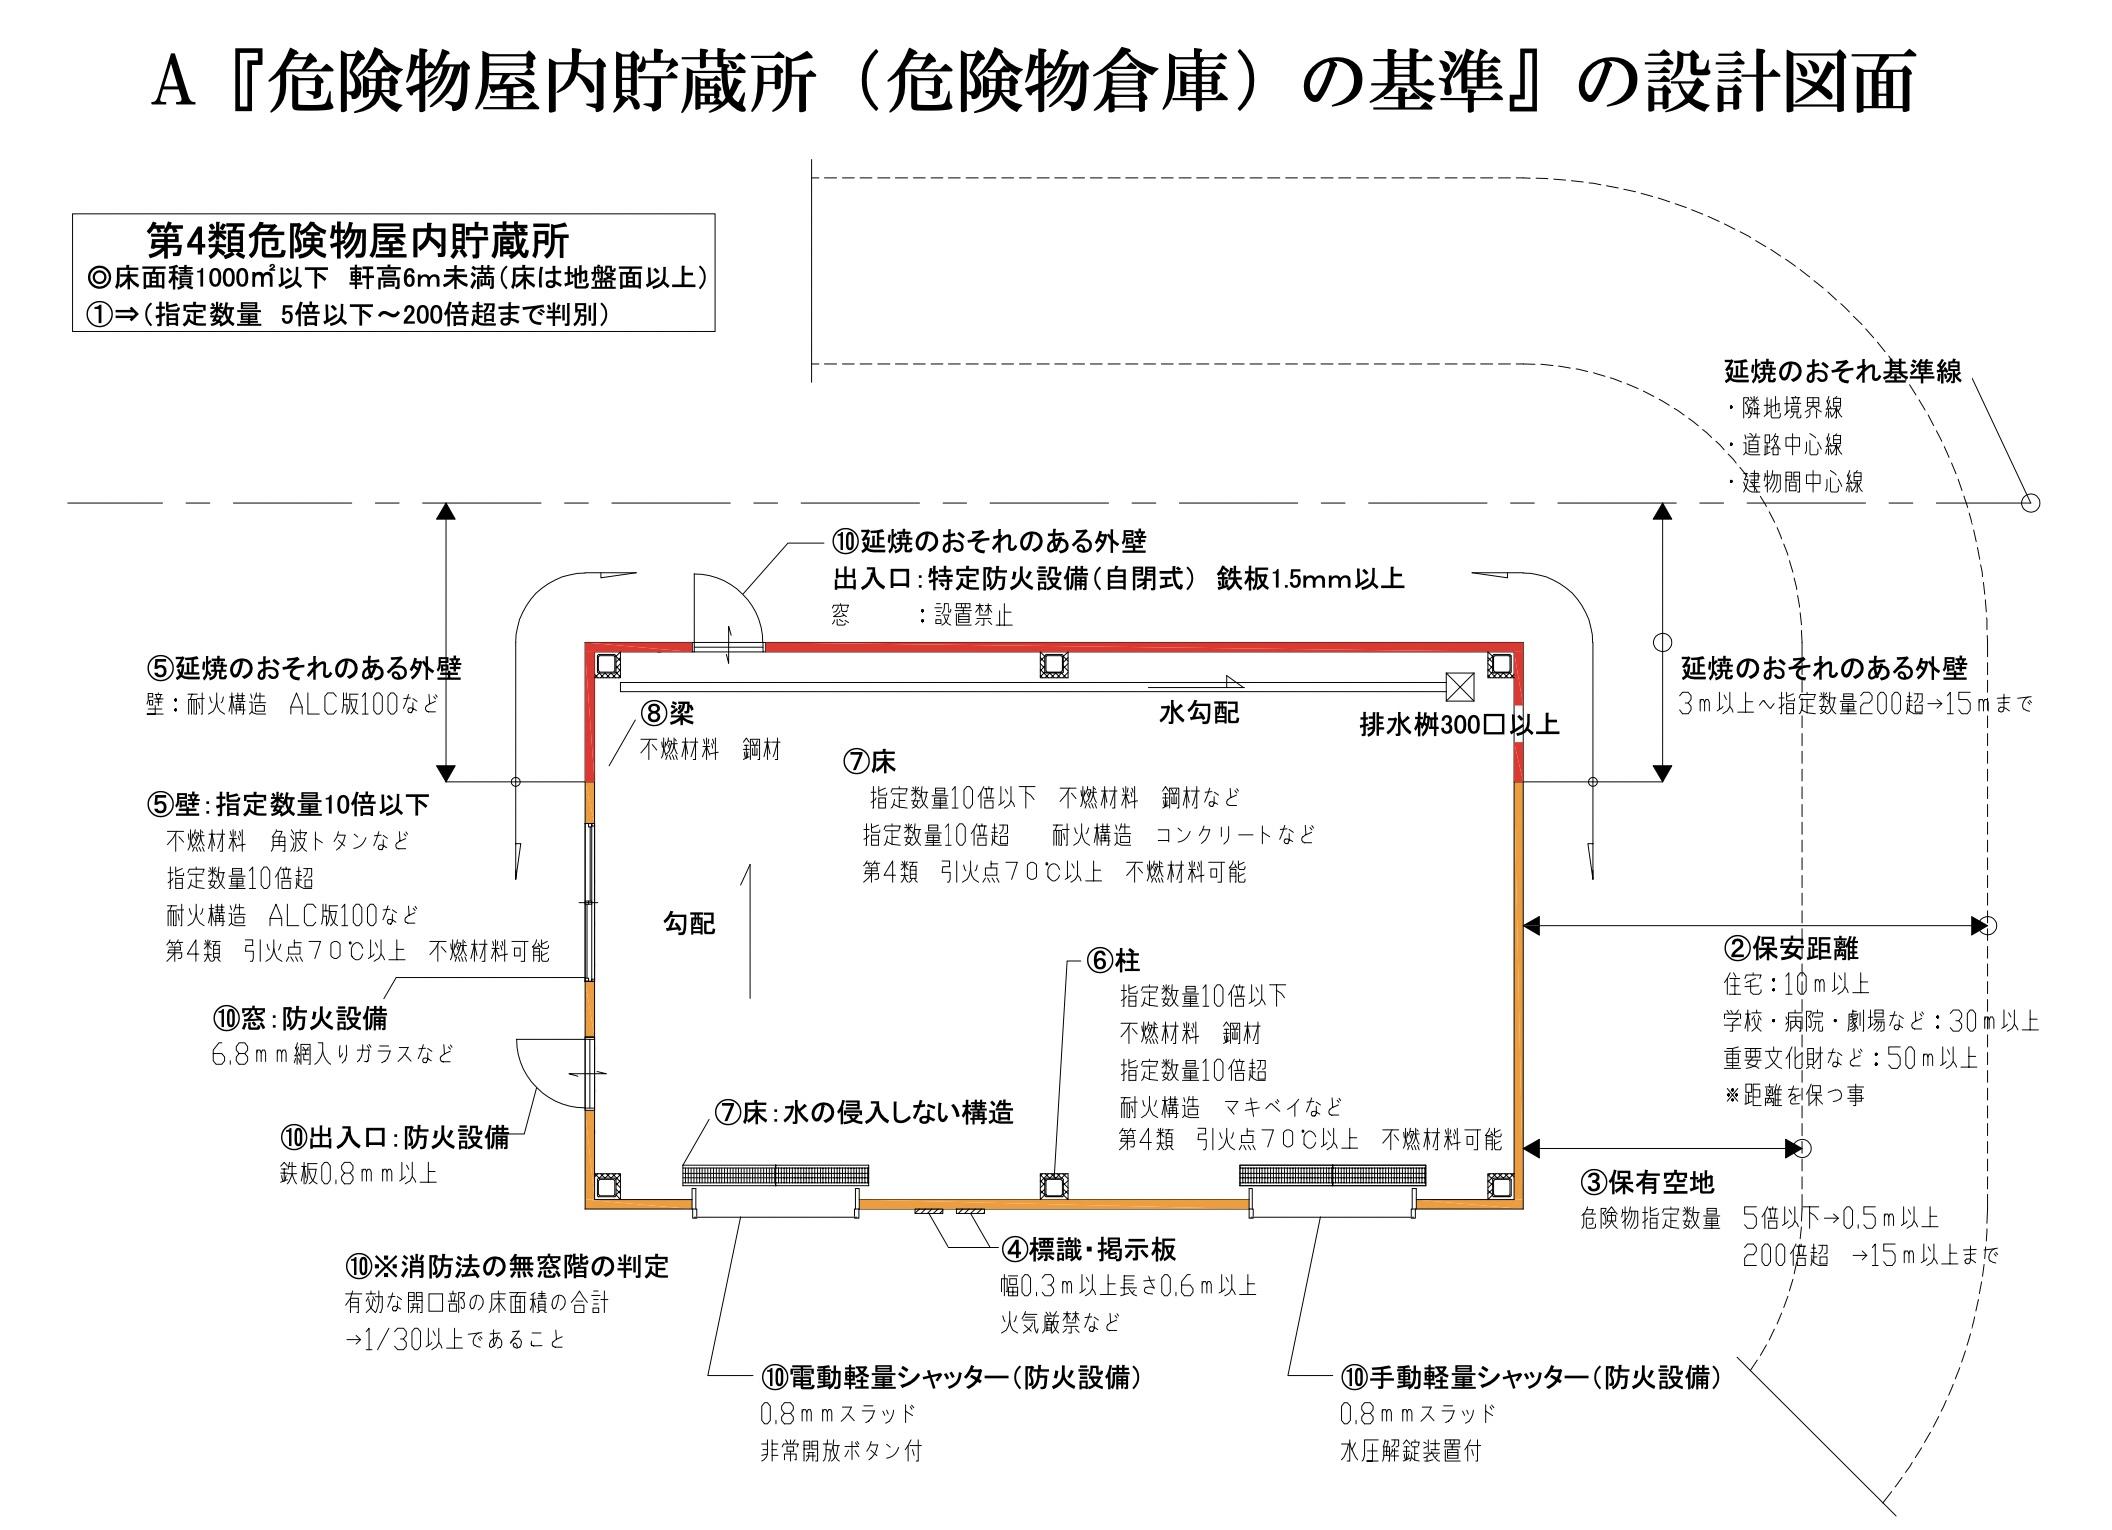 A『危険物屋内貯蔵所(危険物倉庫)の基準』の設計図面